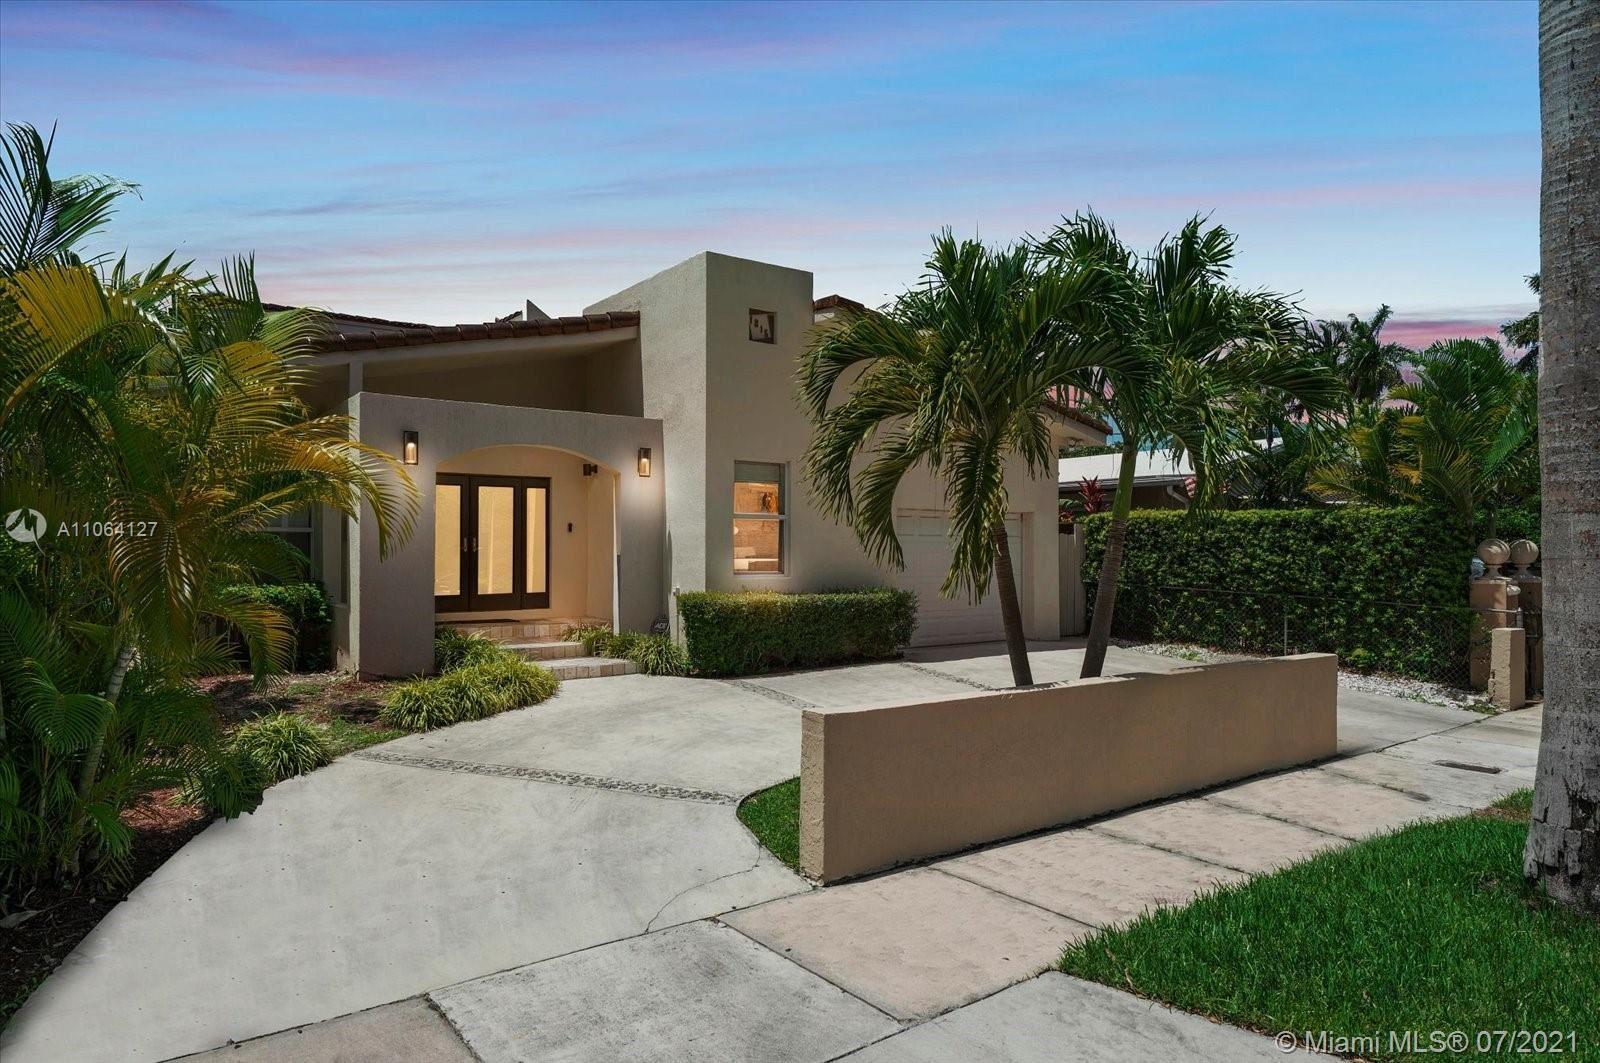 1815 Fairhaven Pl, Miami, FL 33133 - #: A11064127